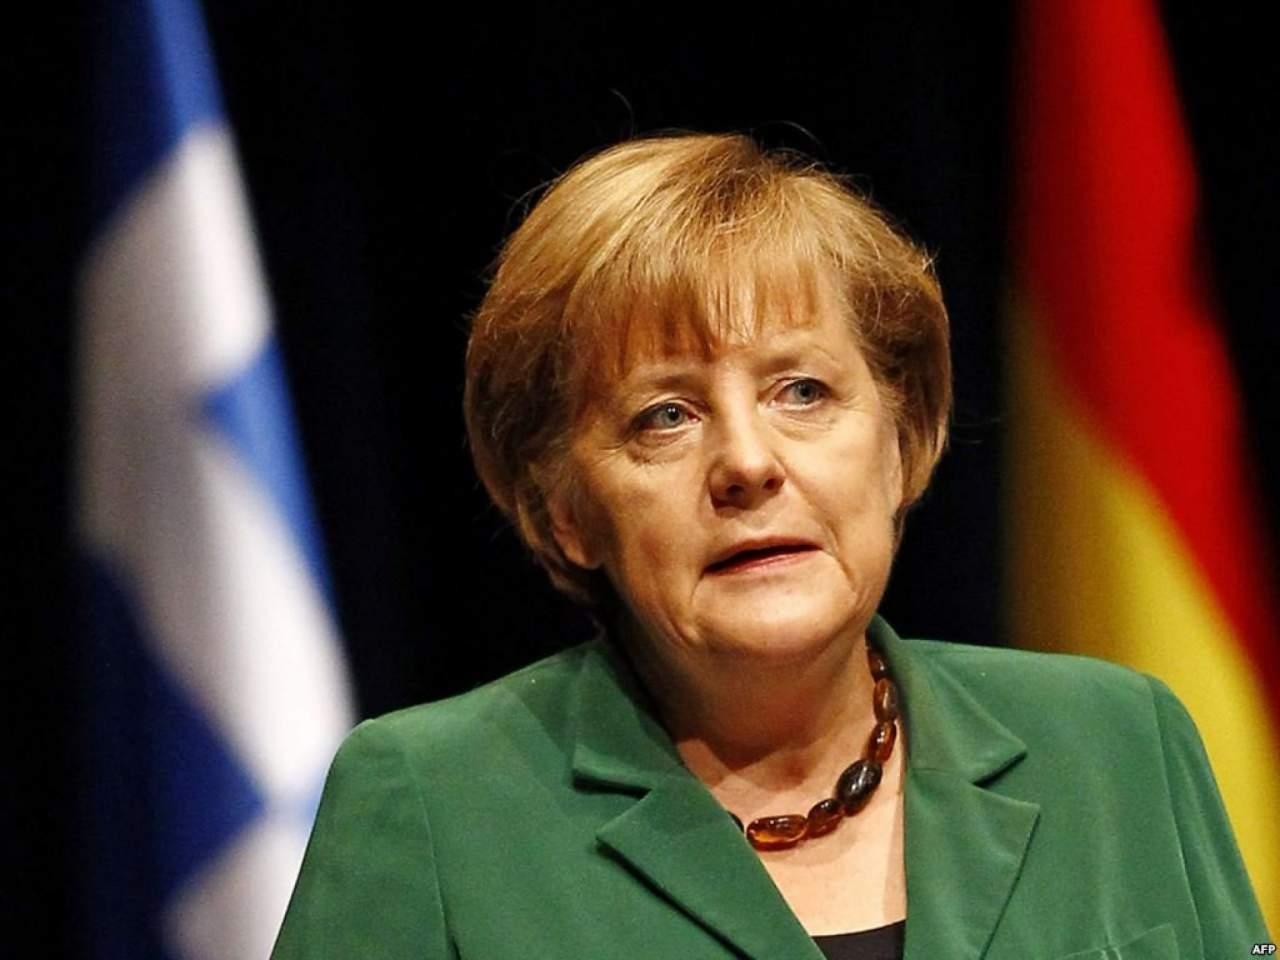 Меркель возмущена, что из-за санкций против РФ будет страдать экономика ЕС